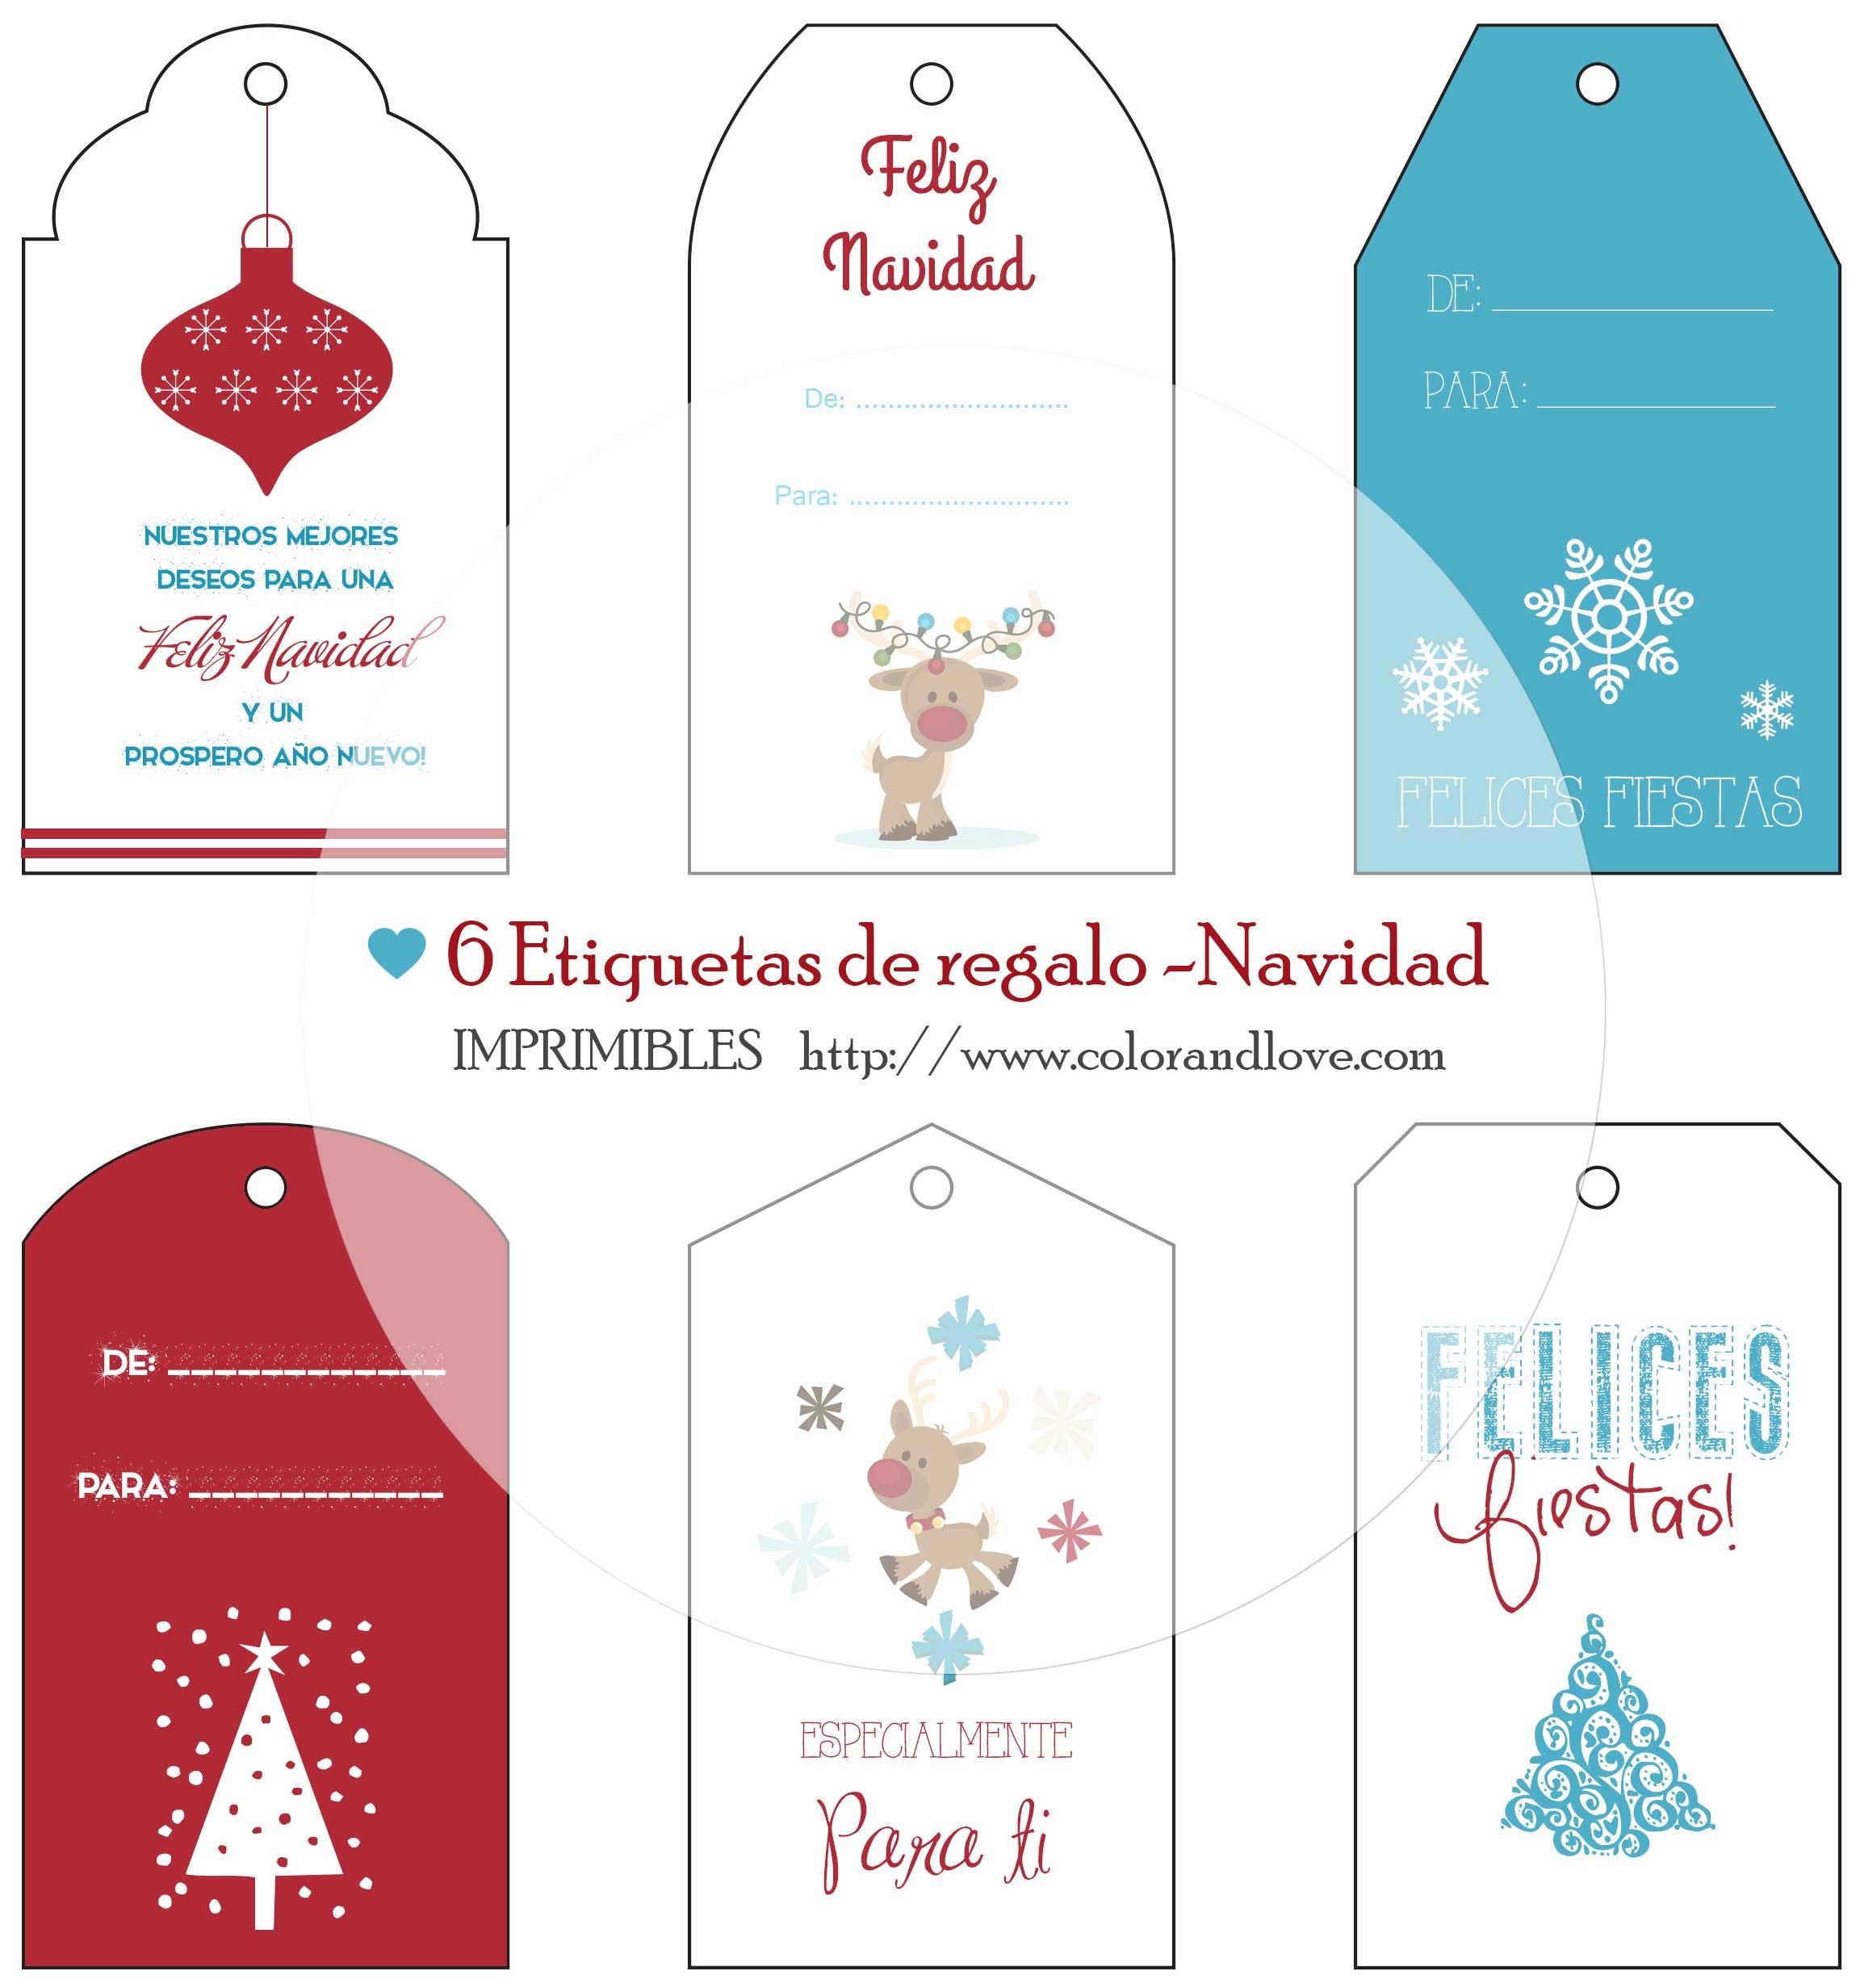 IMPRIMIBLES GRATIS – 6 Etiquetas de regalo para Navidad.